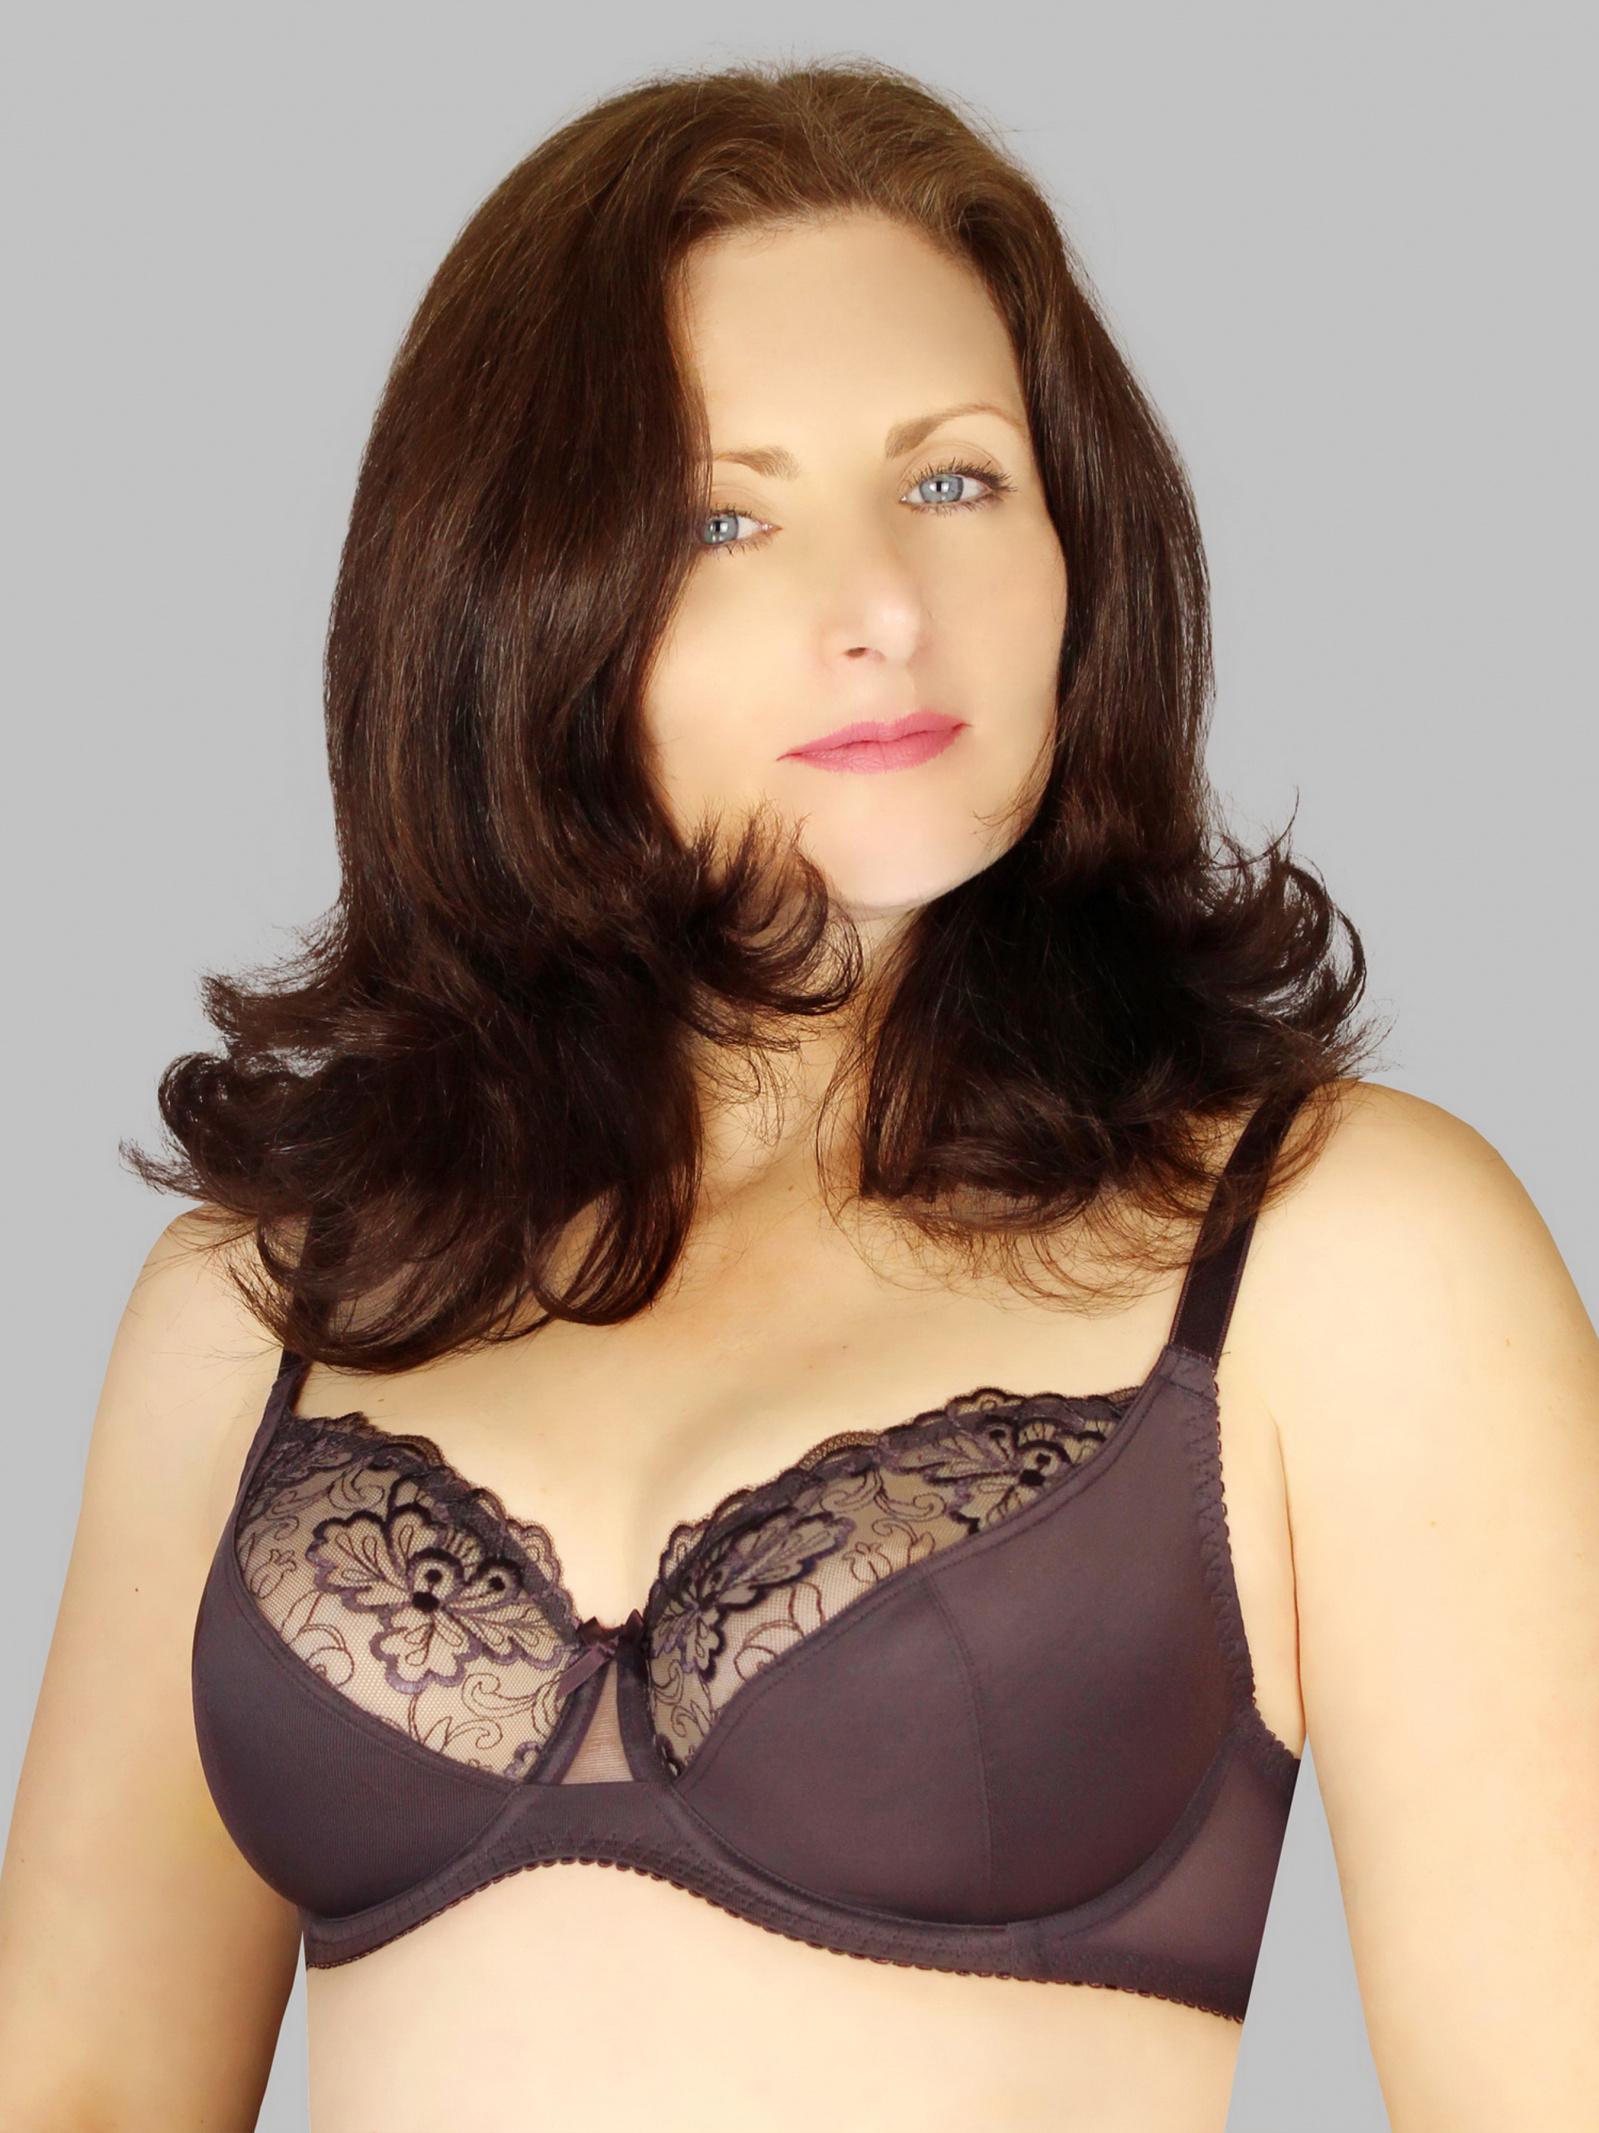 Купить женское белье милавица в магазине порно фото женское белье в сперме